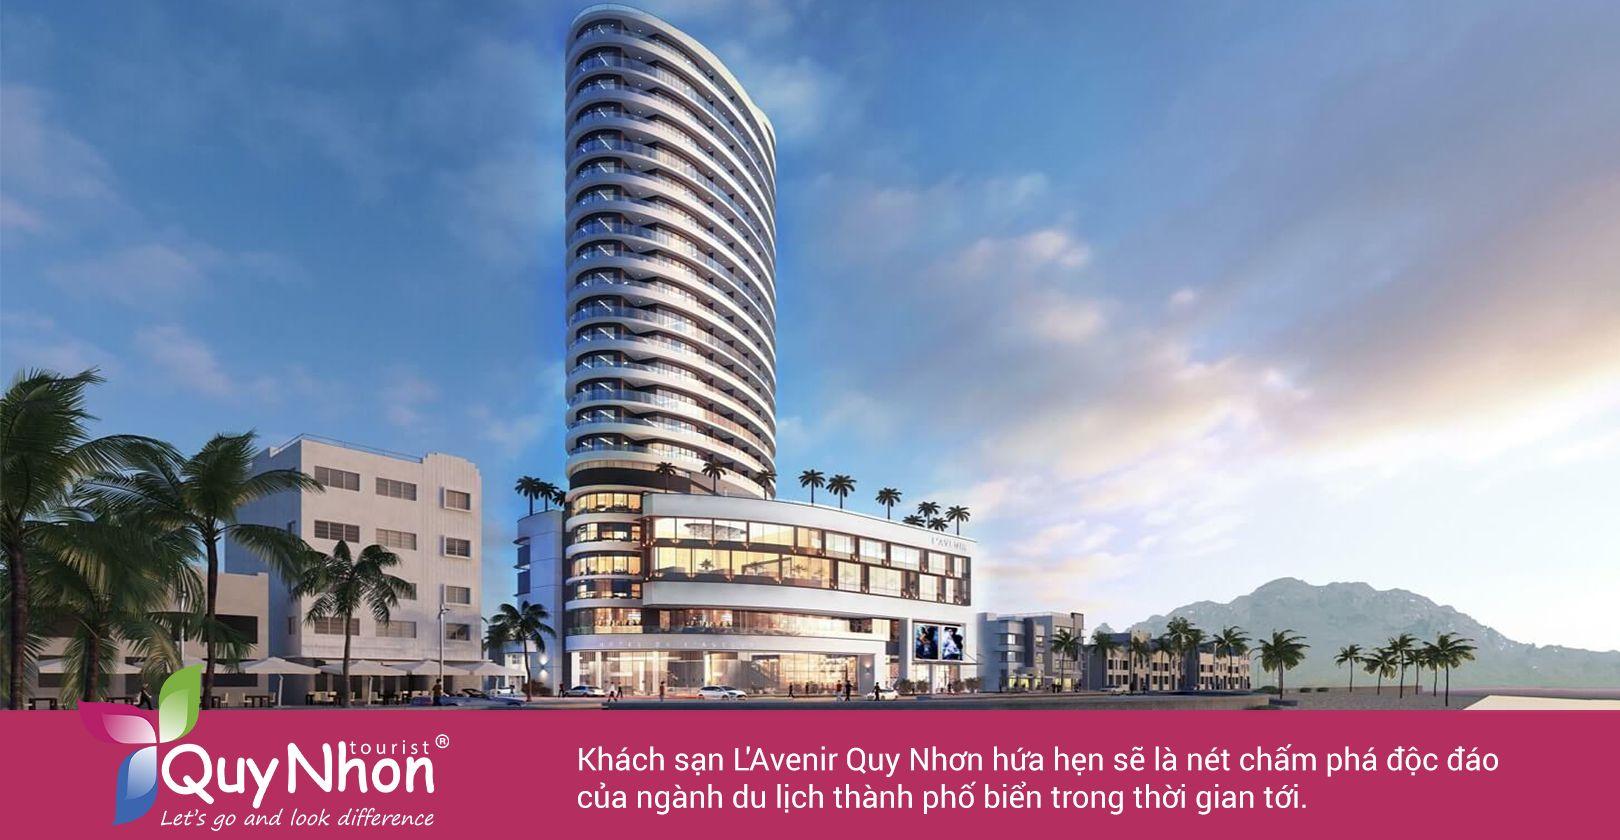 Khách sạn L'Avenis Quy Nhơn 4 sang mang tiêu chuẩn quốc tế.